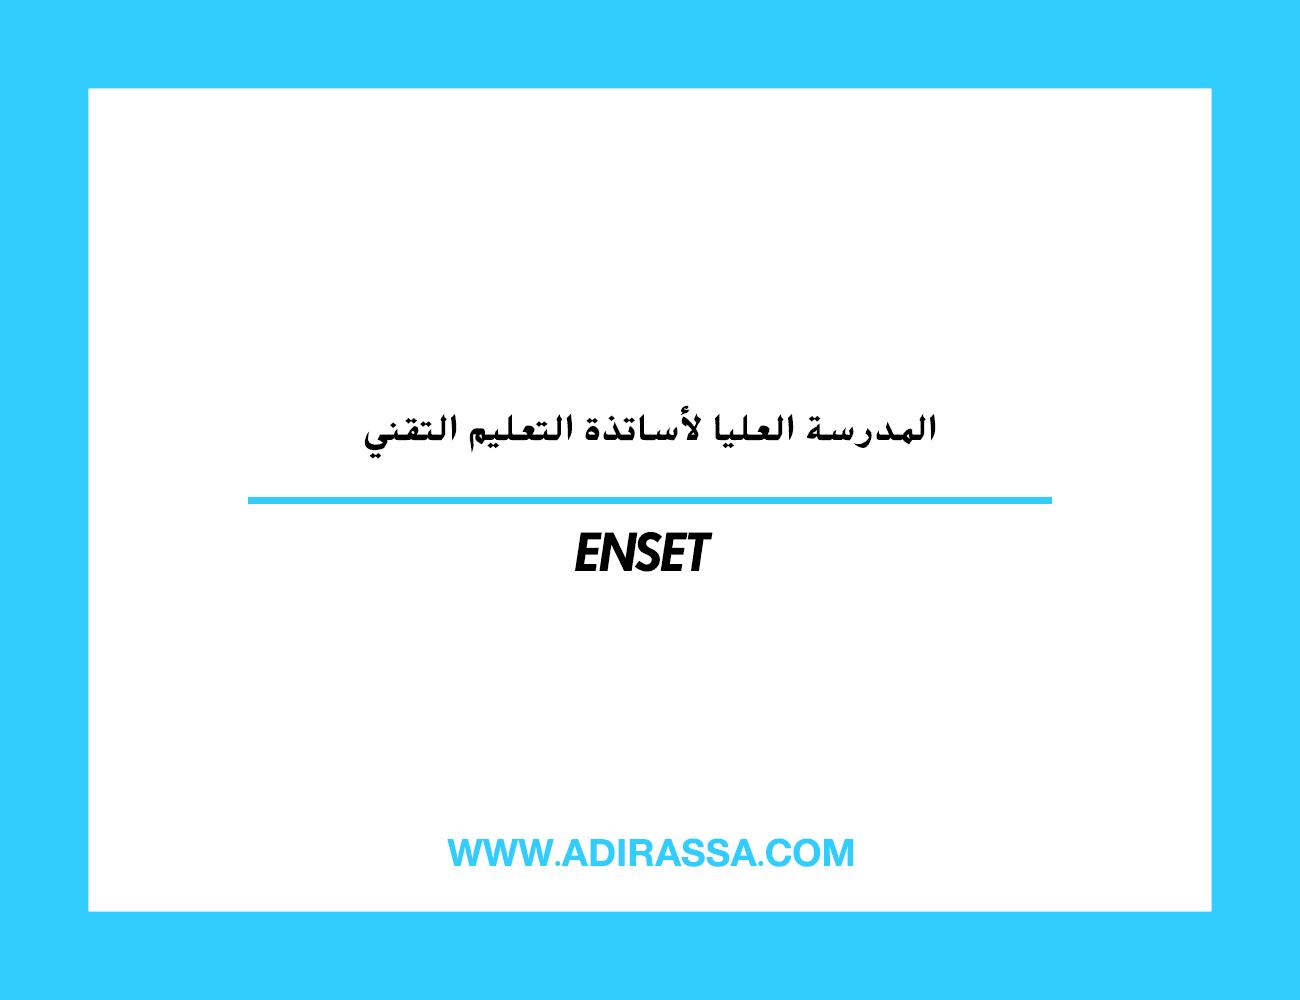 المدرسة العليا لأساتذة التعليم التقني مؤسسة تعليم عالي بالمغرب